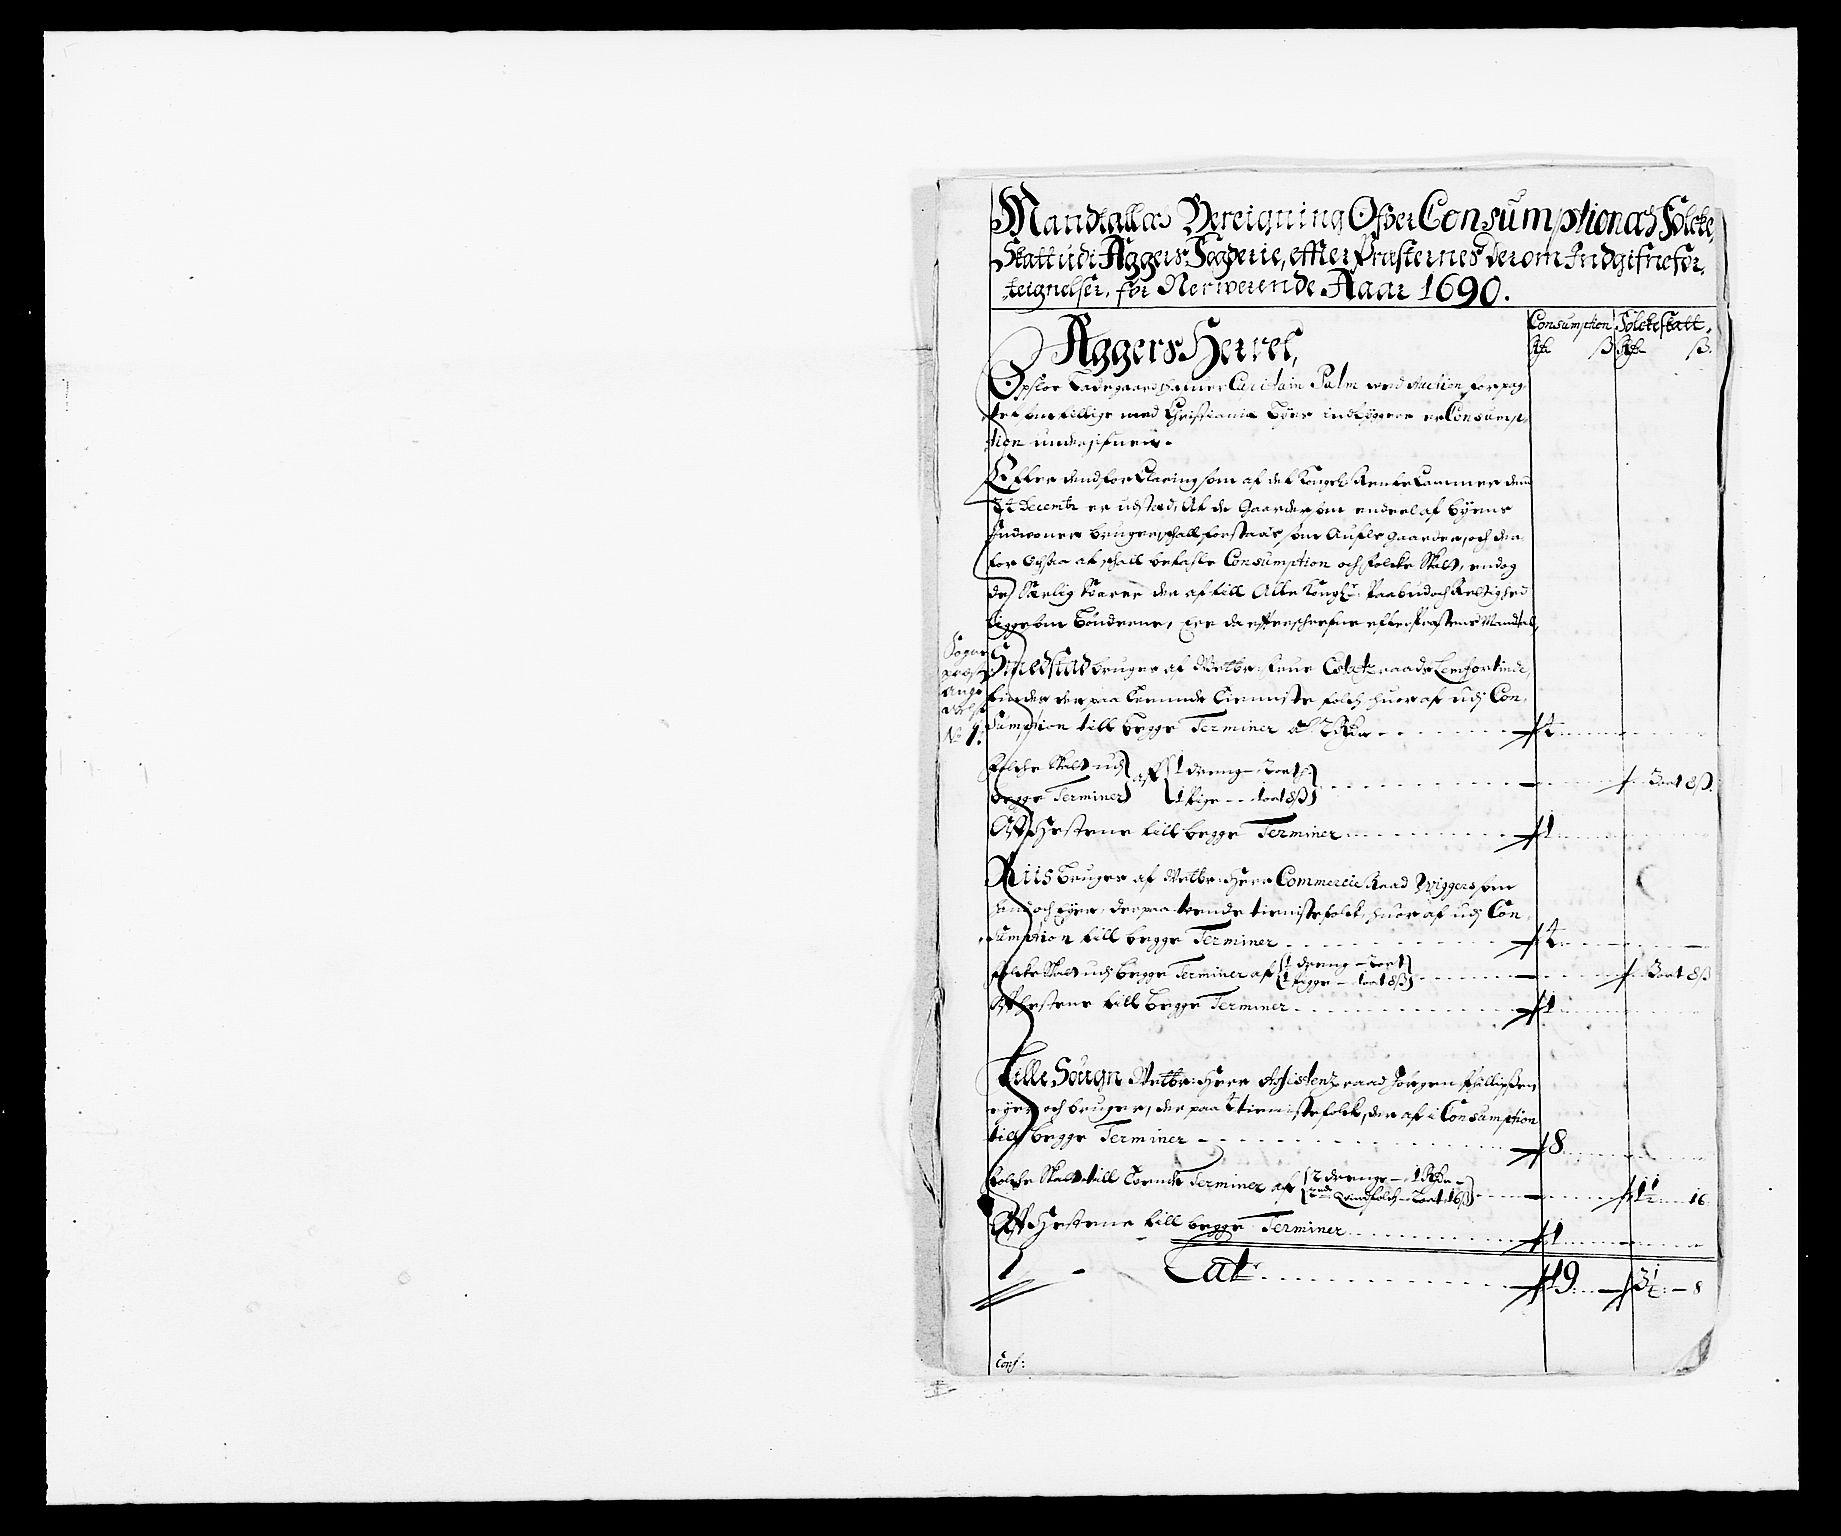 RA, Rentekammeret inntil 1814, Reviderte regnskaper, Fogderegnskap, R08/L0423: Fogderegnskap Aker, 1687-1689, s. 221